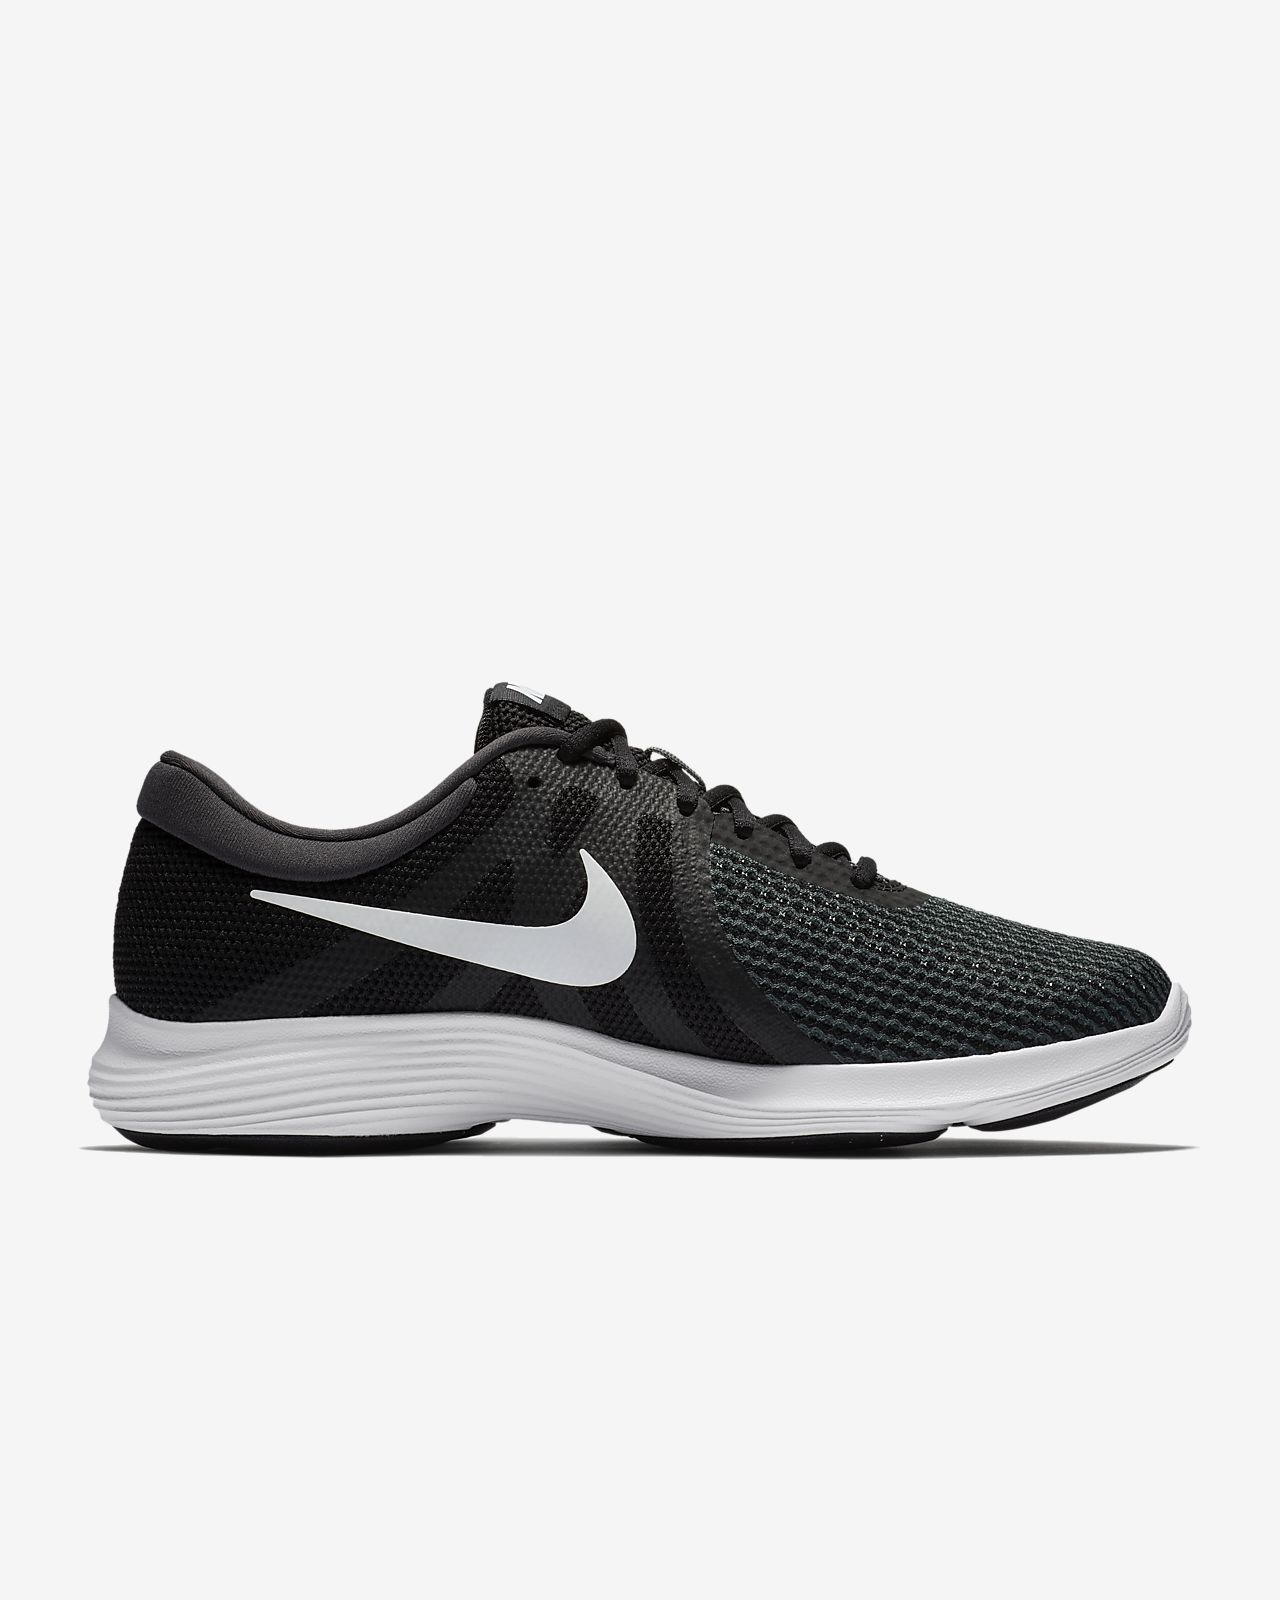 cd74fab280f8ac Chaussure de running Nike Revolution 4 pour Homme (EU). Nike.com FR